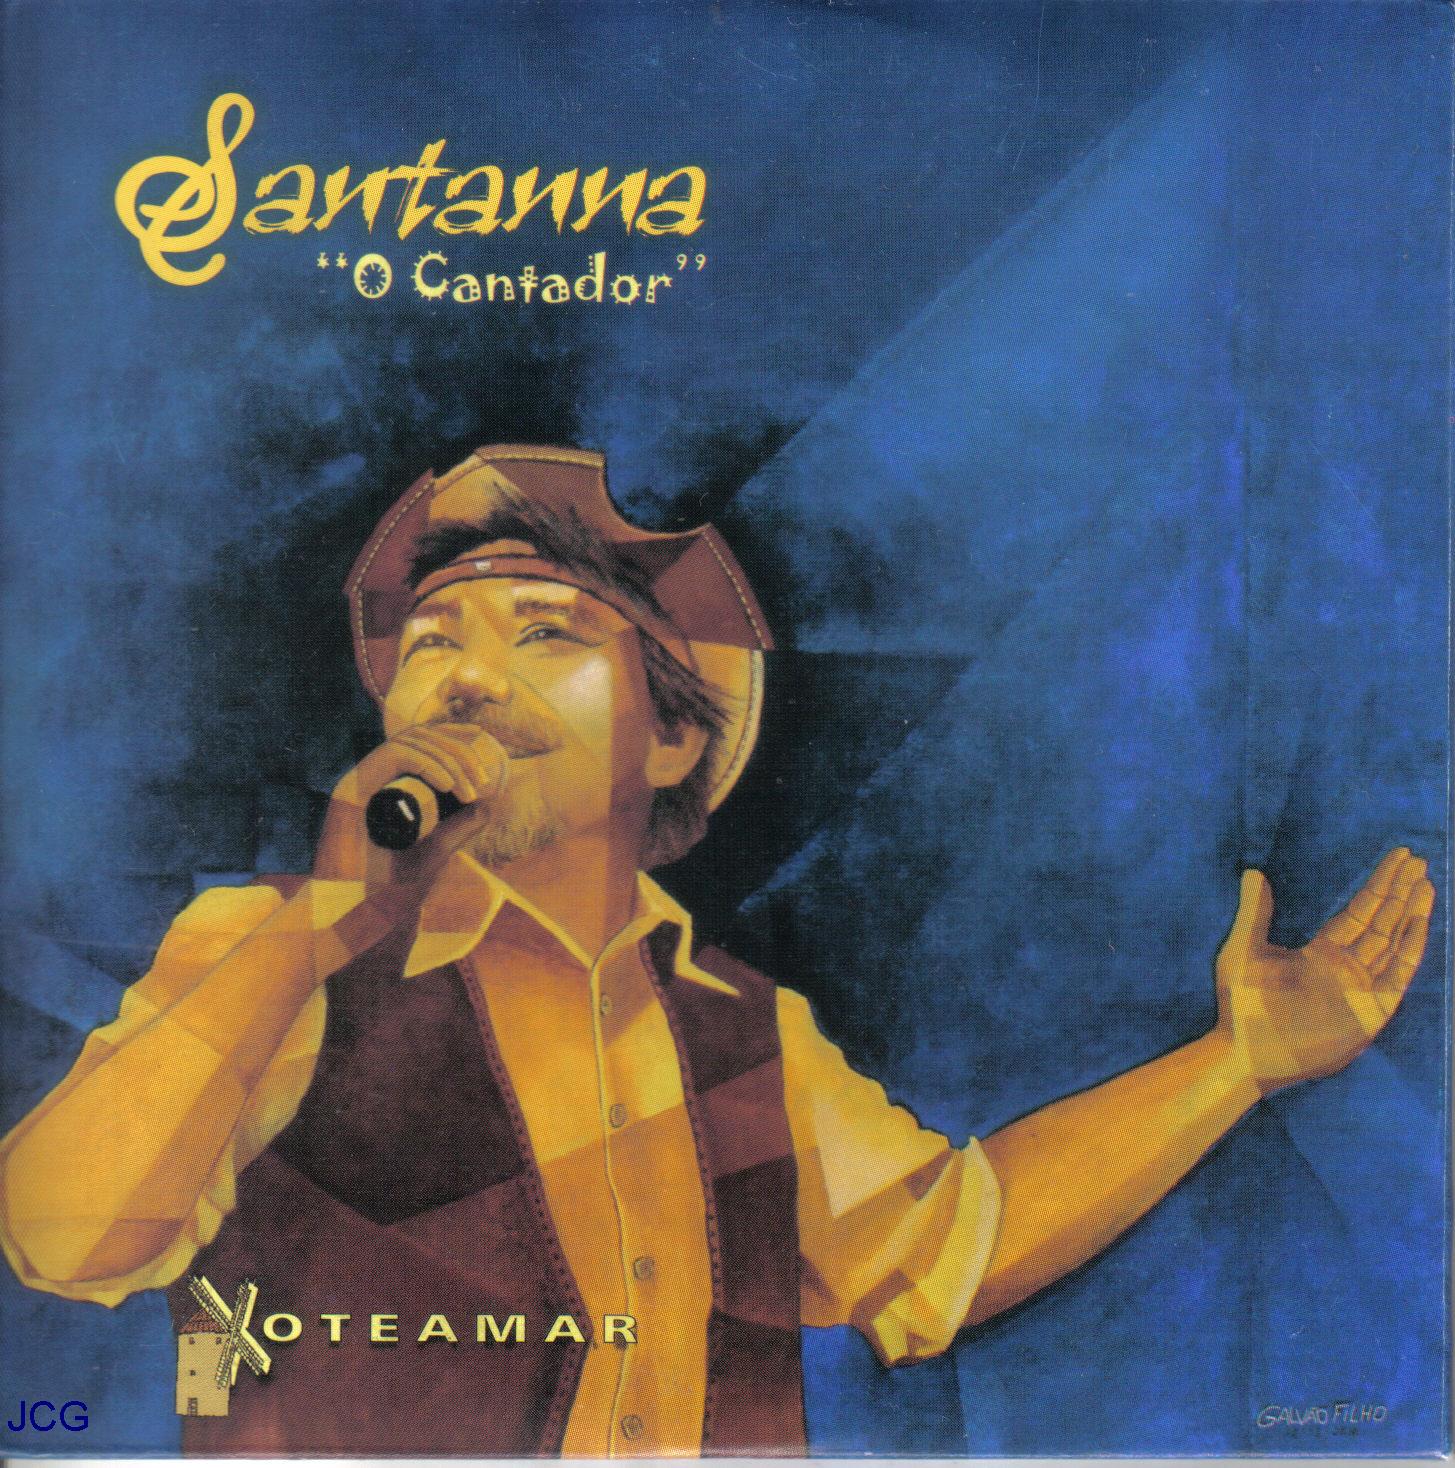 cd de santanna o cantador 2012